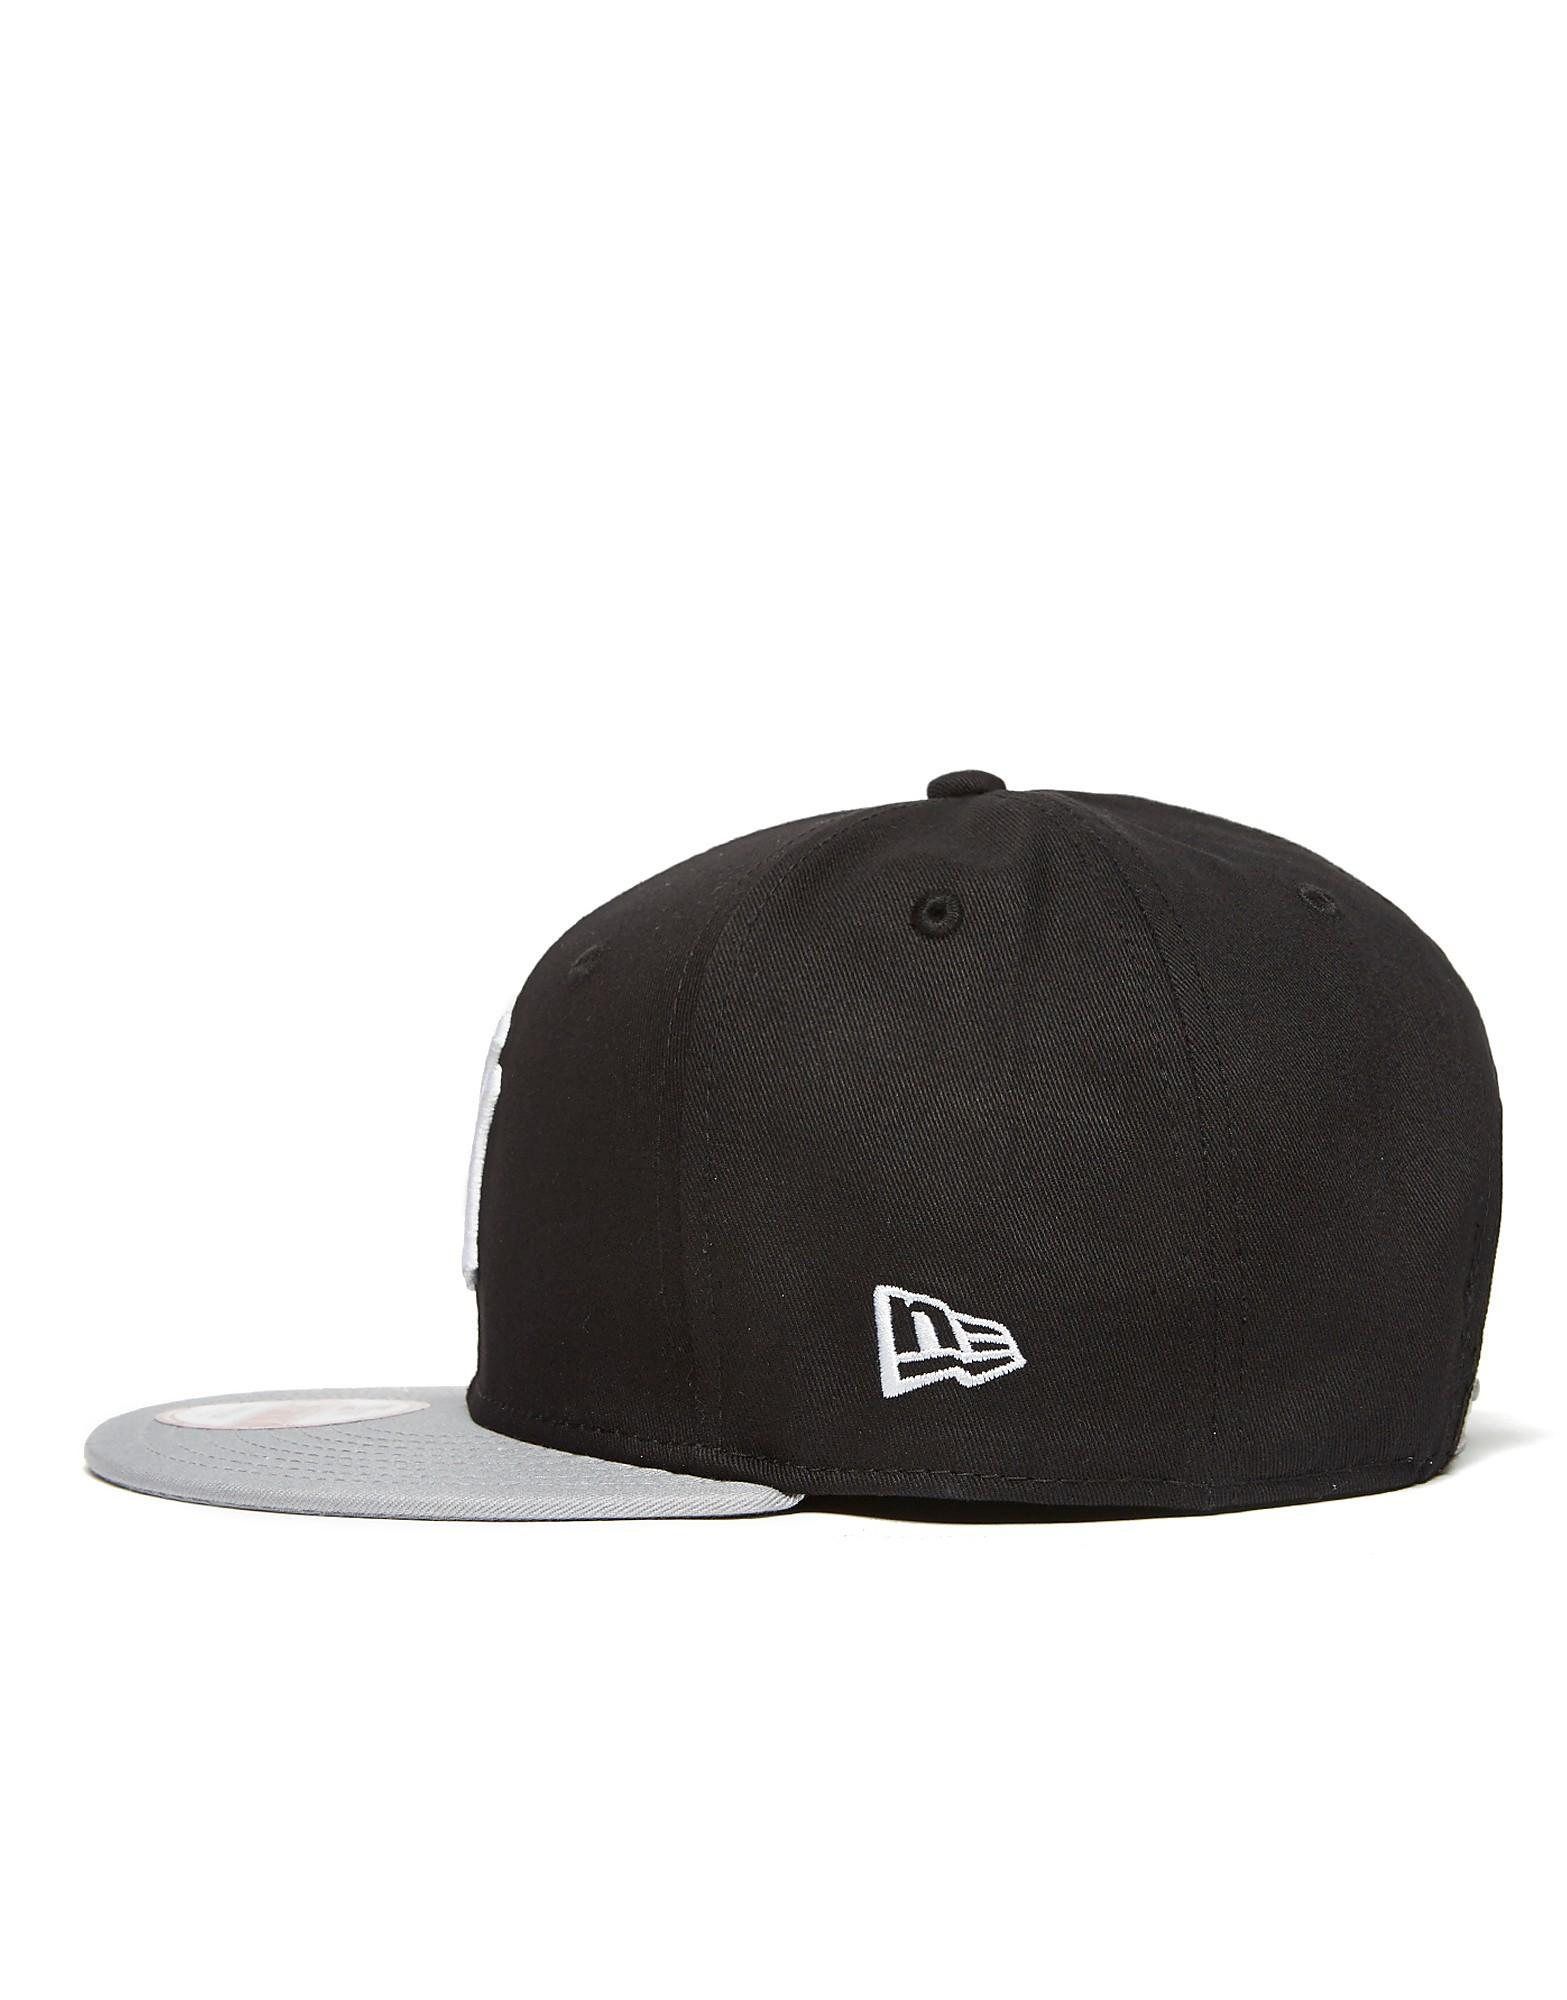 New Era MLB New York Yankees Block Snapback Cap